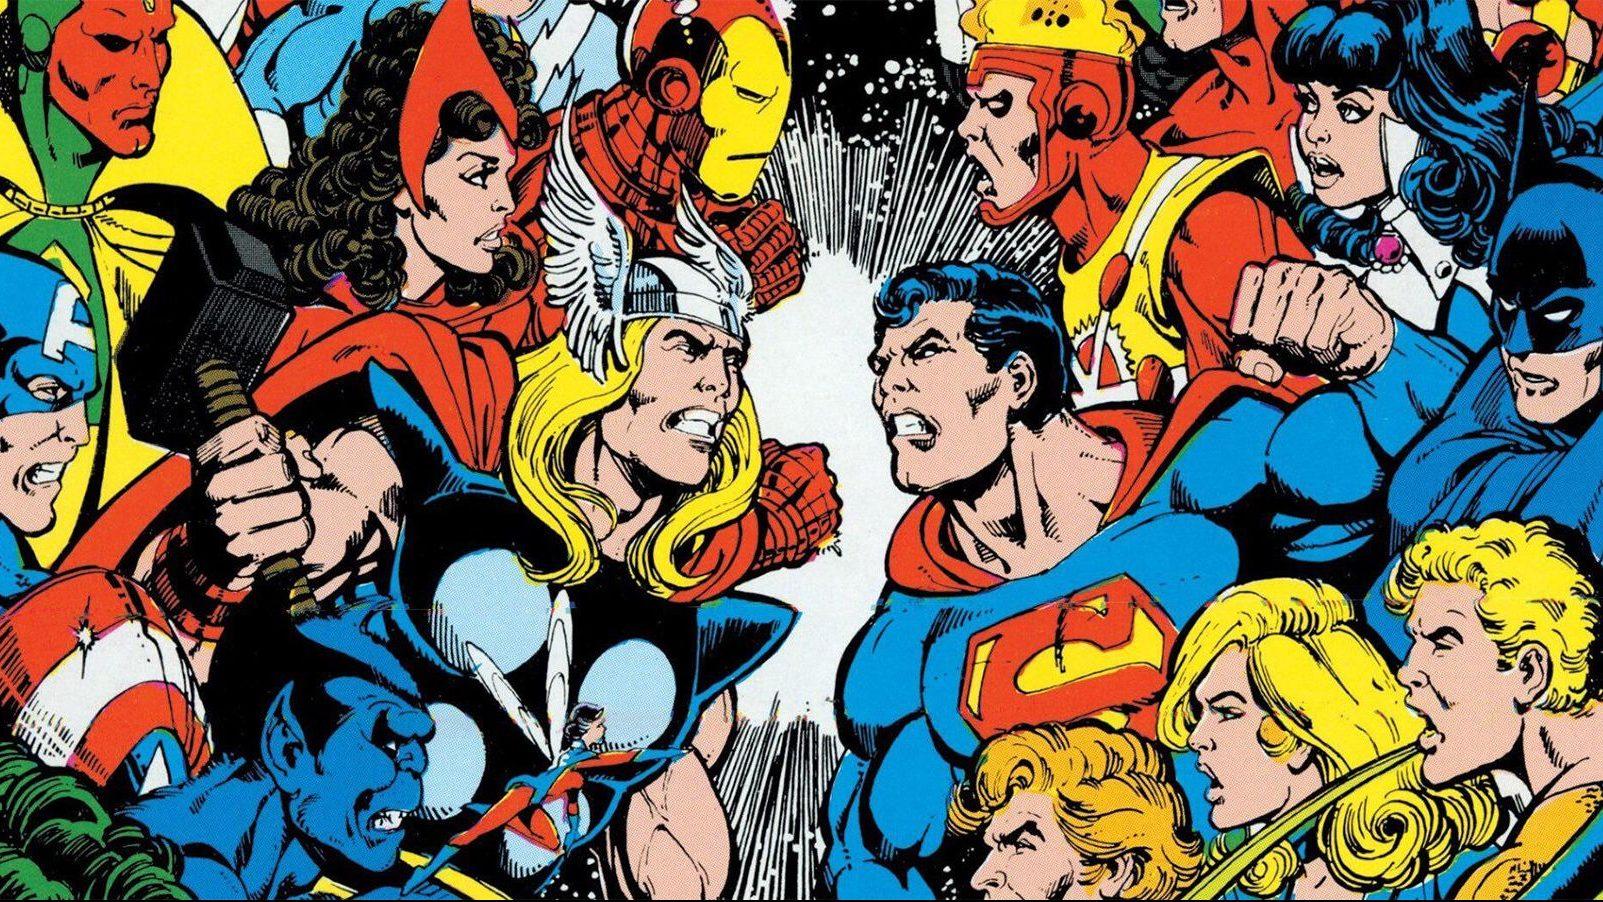 Il 'crossover involontario' tra Marvel e DC Comics arriva su eBay thumbnail